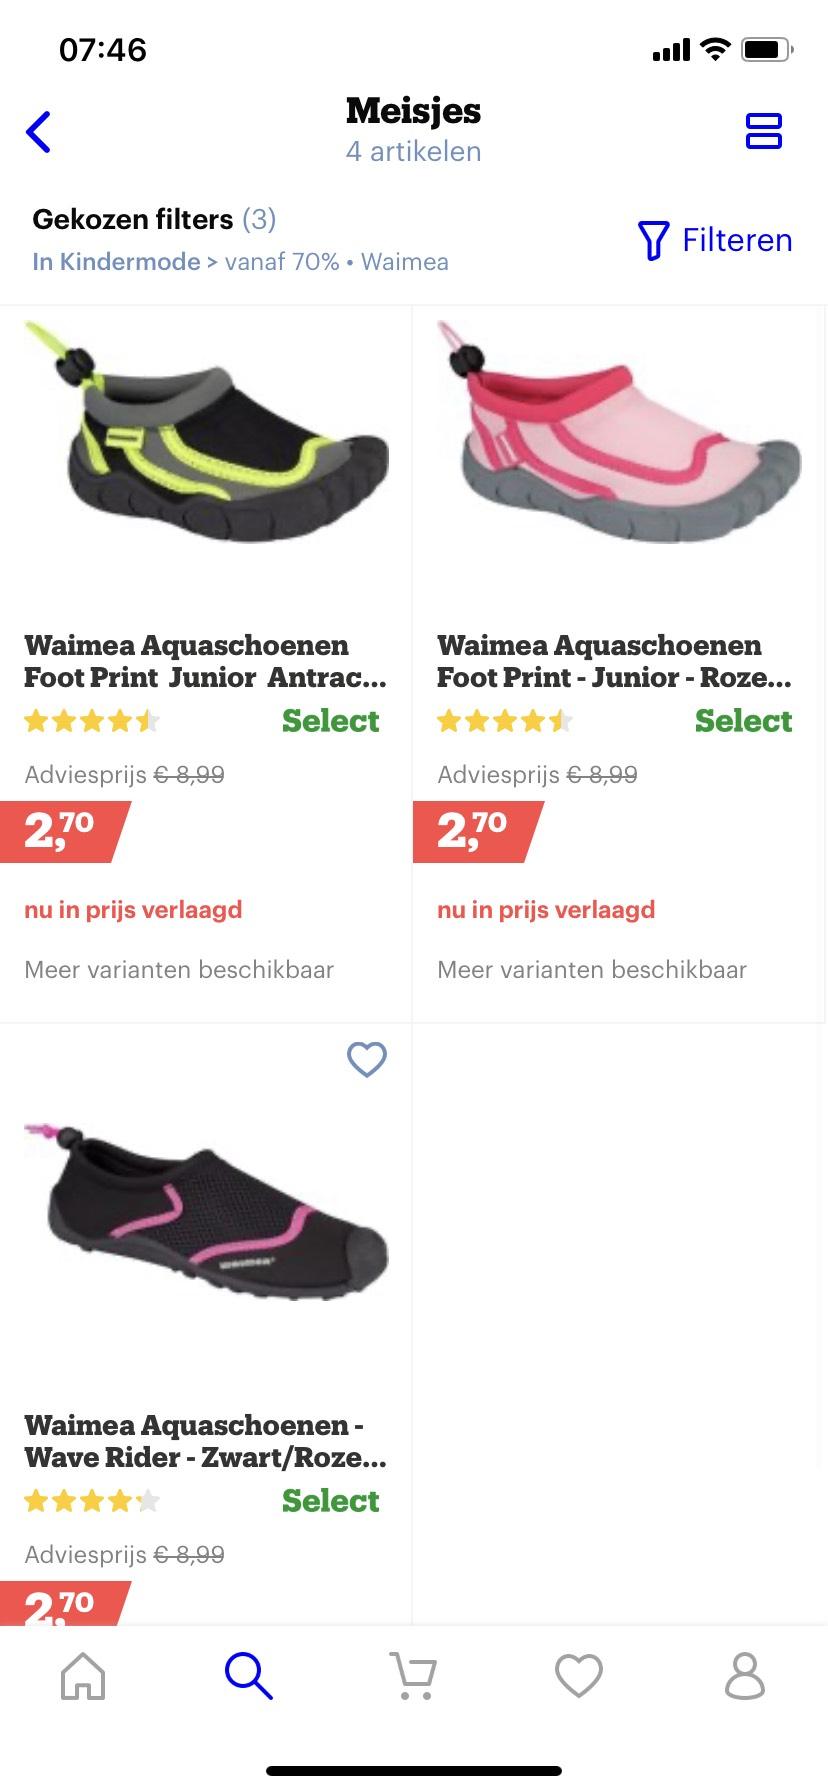 Waimea waterschoenen bij bol.com met flinke korting